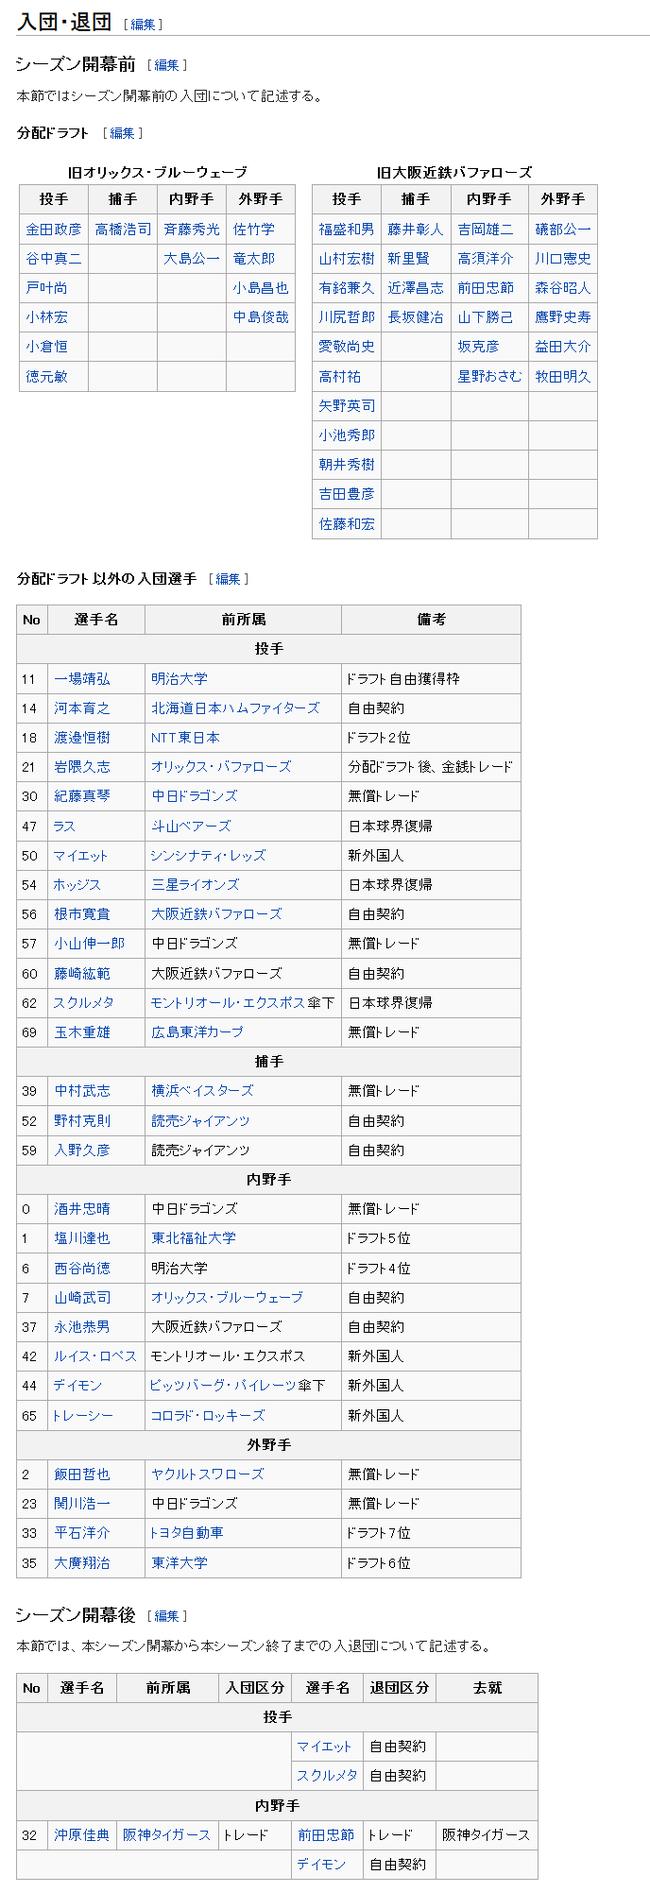 2005年の東北楽天ゴールデンイーグルス - Wikipedia